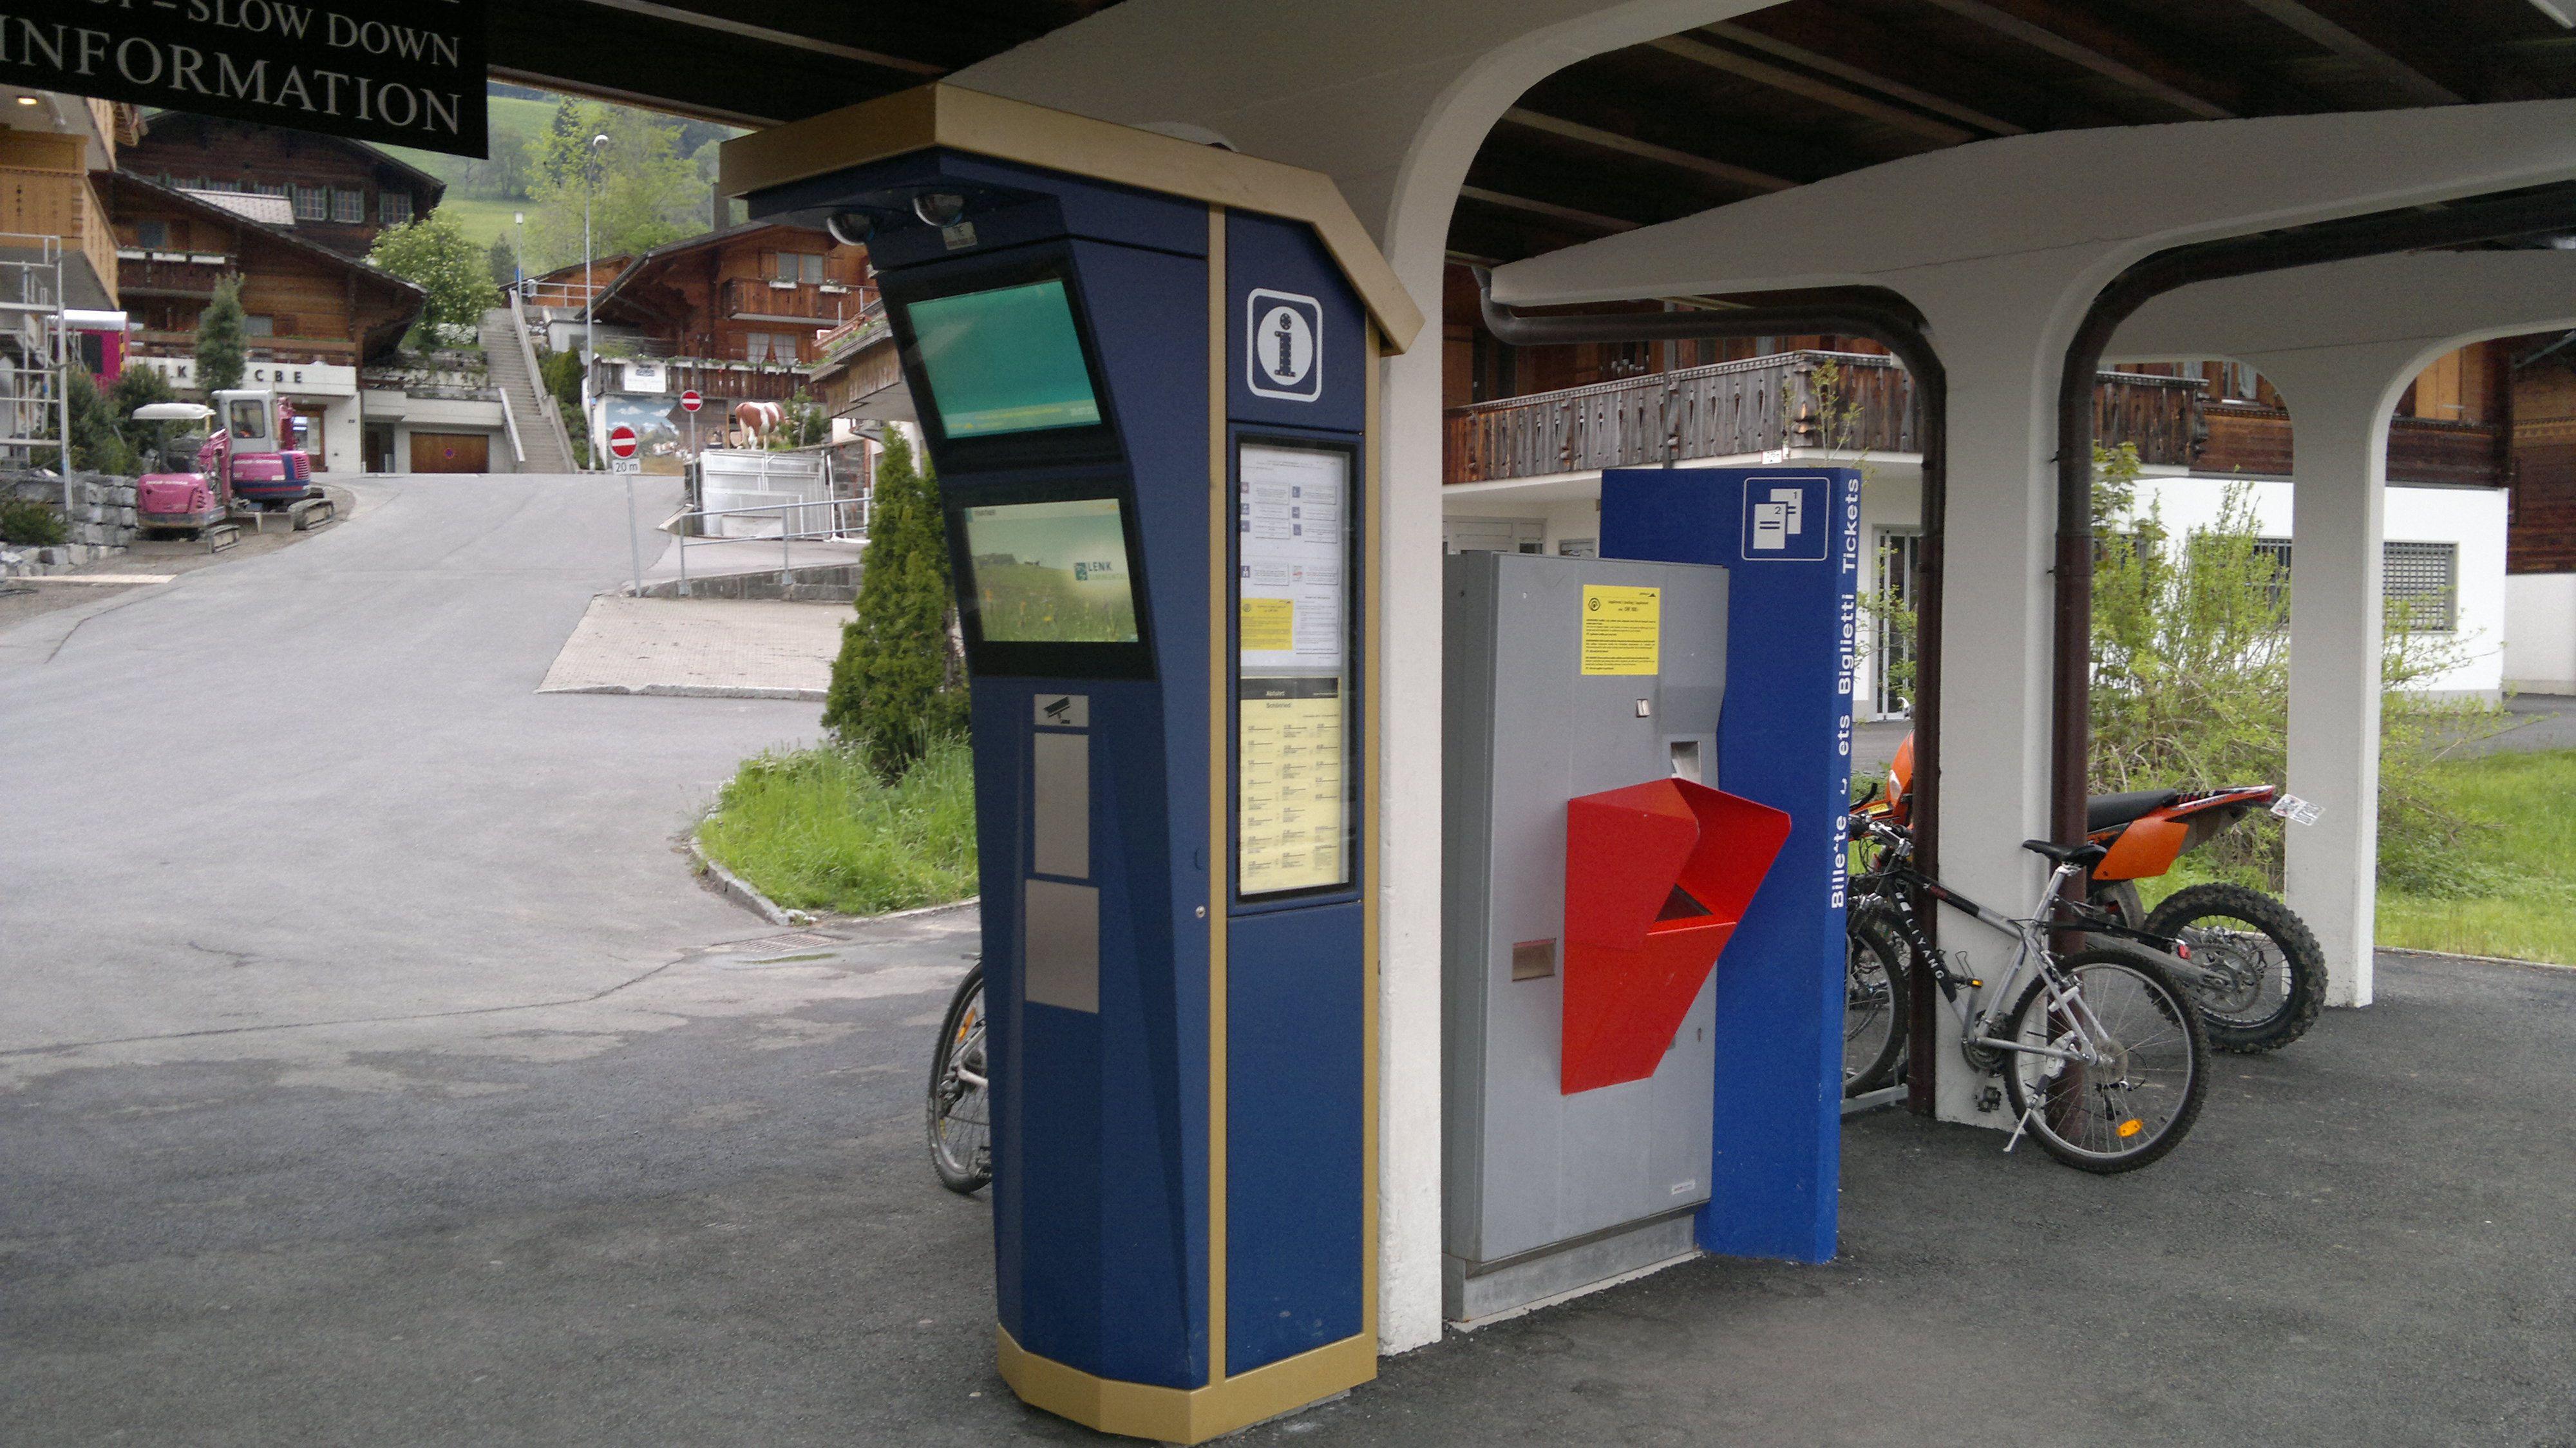 Biglietteria Automatica ed Orario Ferroviario nella Stazione MOB di Schonried